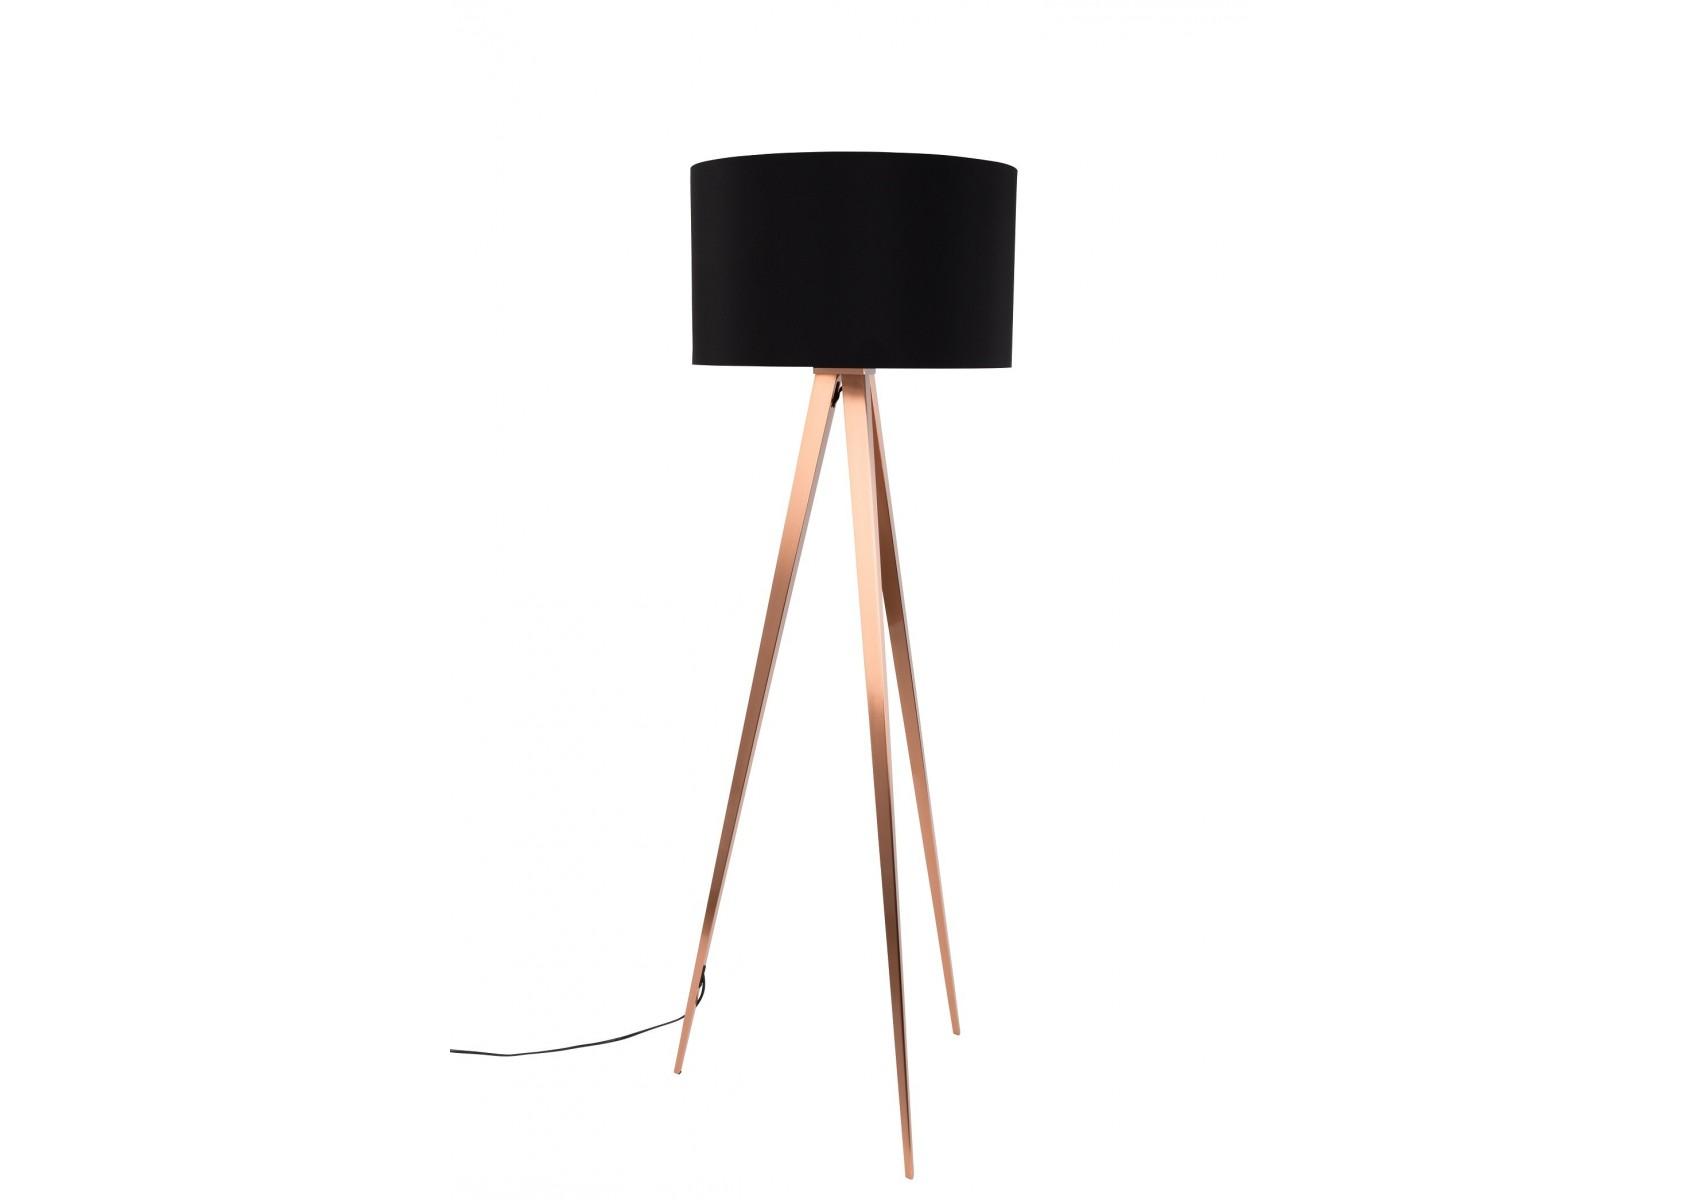 Lampadaire tripod copper avec pied cuivr en tr pied for Miroir tripod